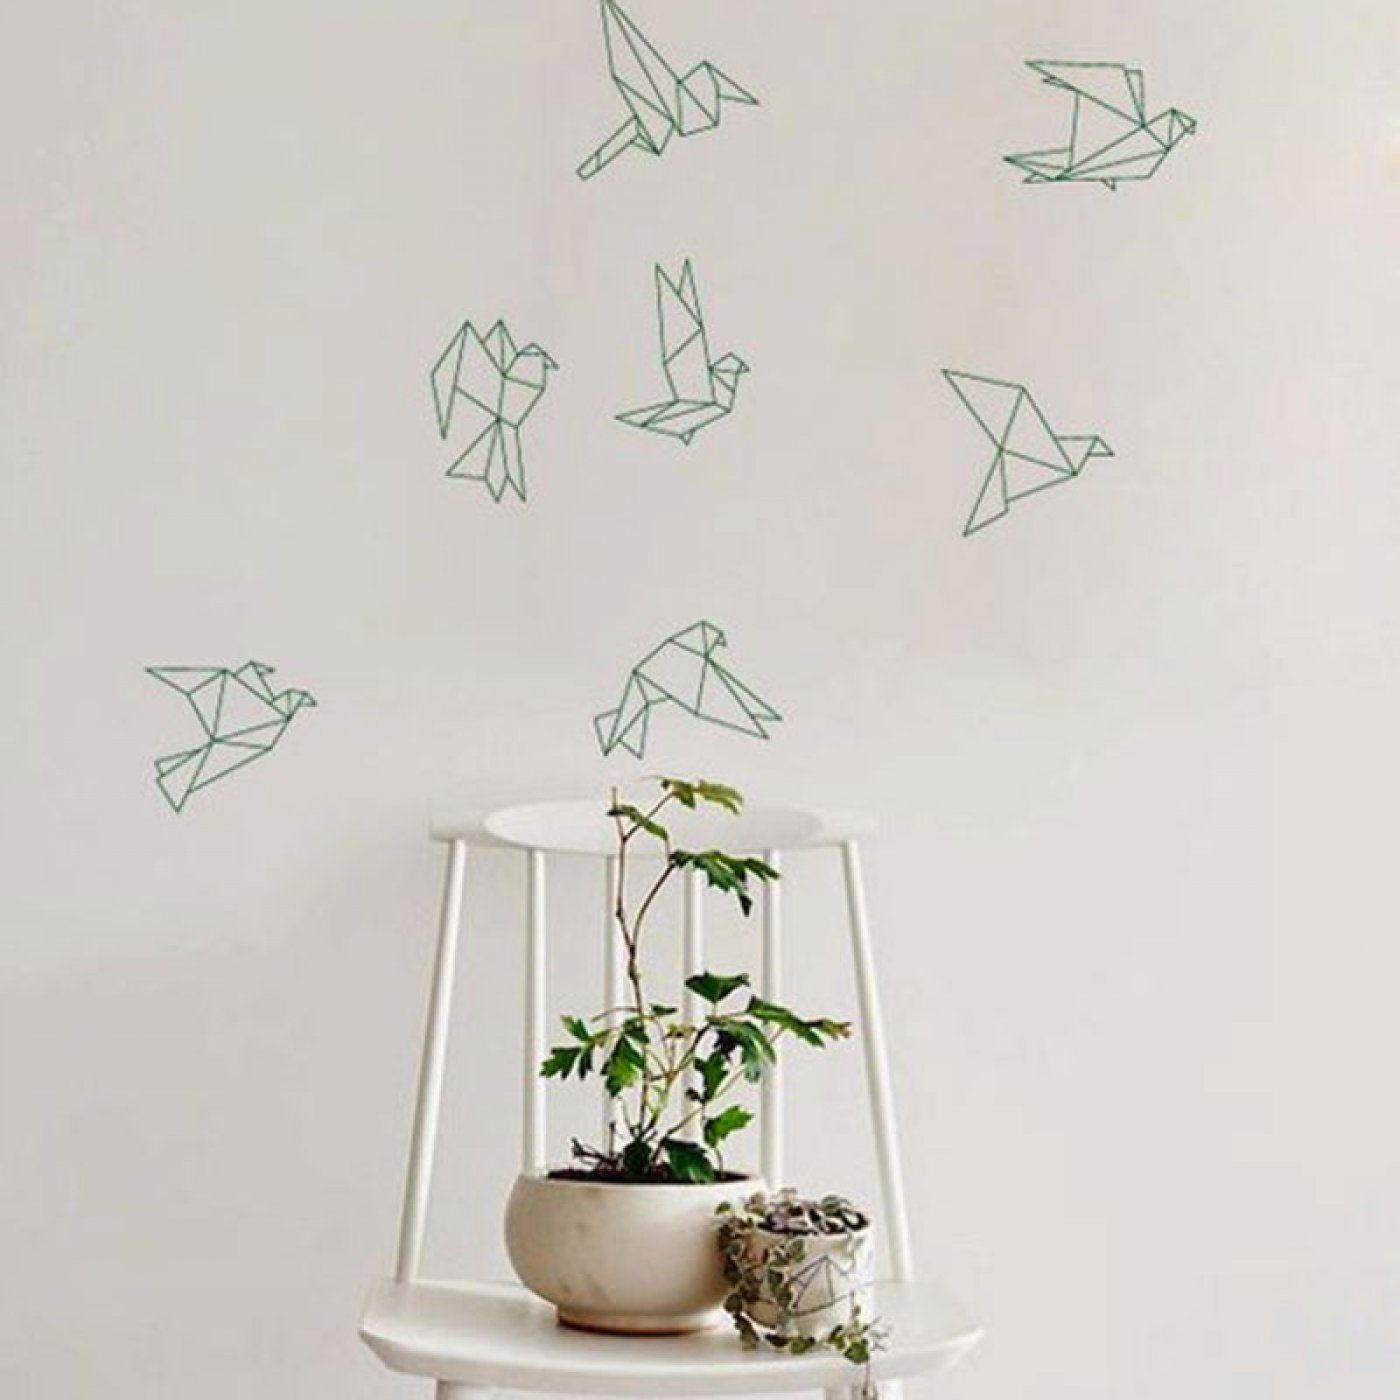 diy masking tape 17 tutoriels faciles faire masking tape. Black Bedroom Furniture Sets. Home Design Ideas